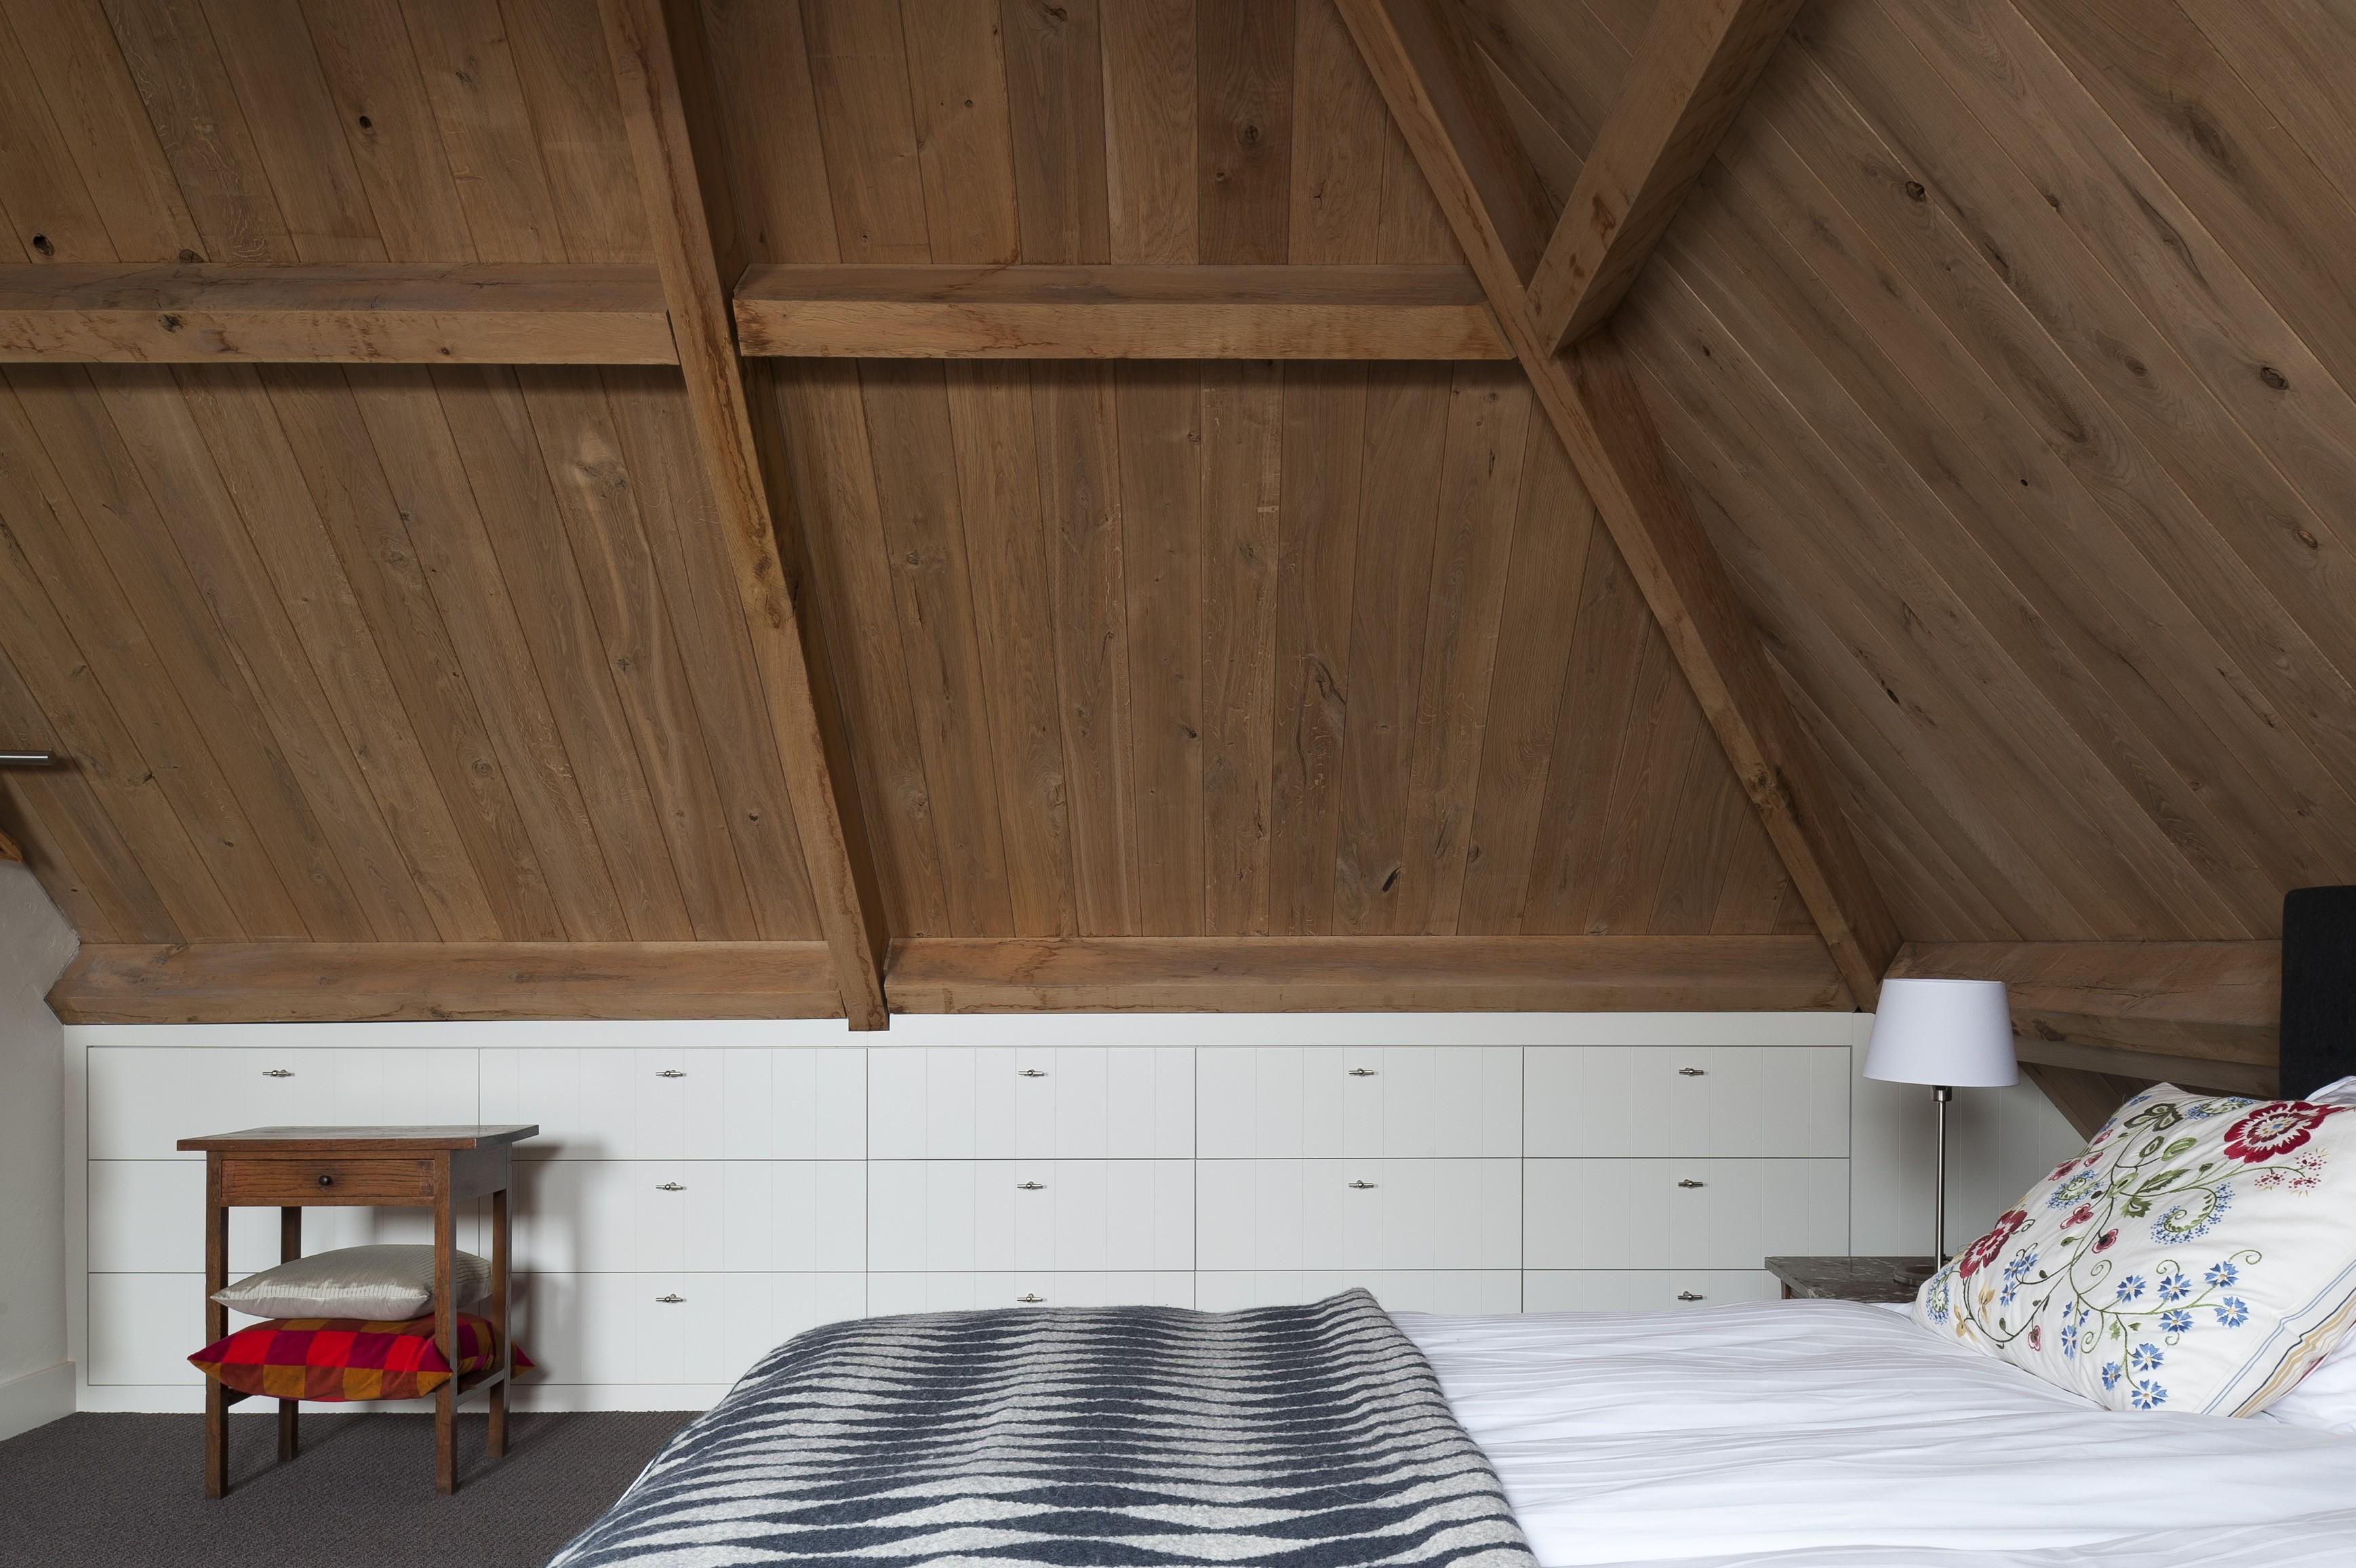 Maatwerk inbouwkasten op zolder slaapkamer | HOMEASE